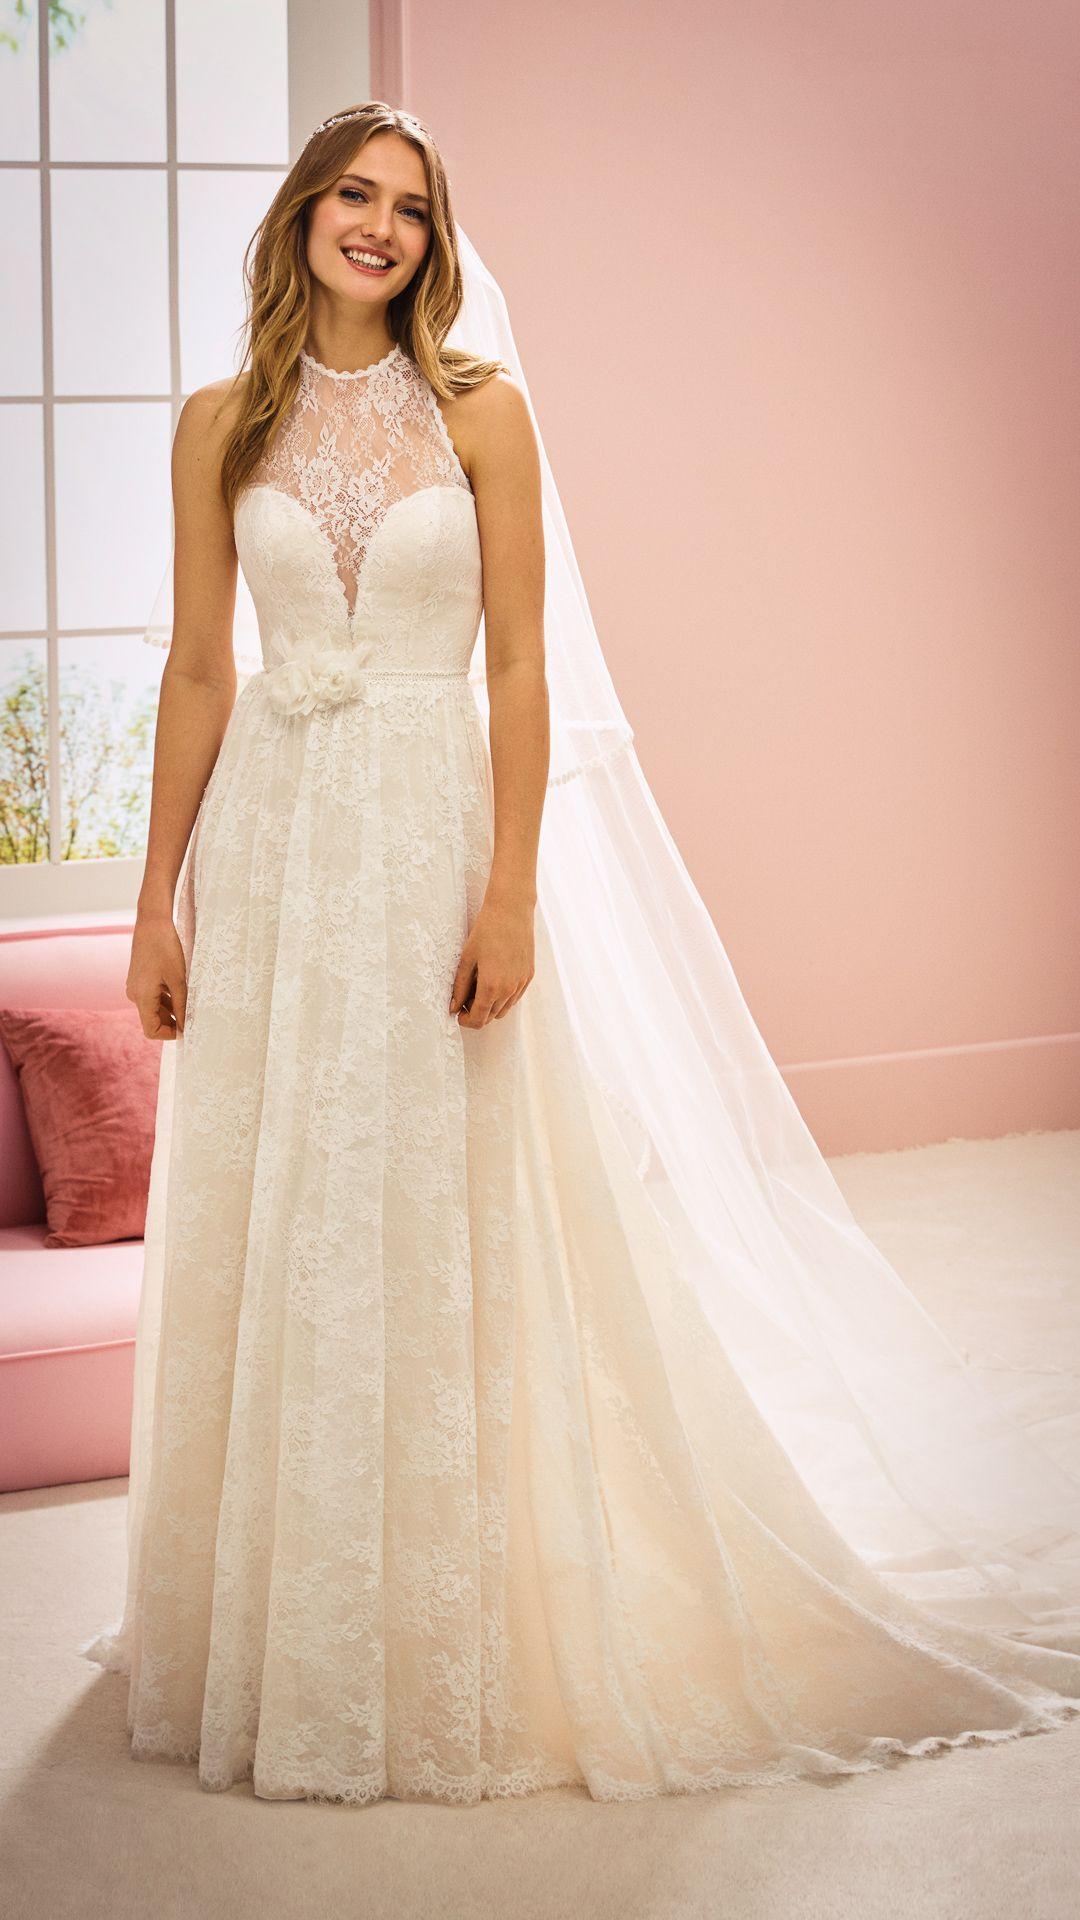 Hochzeitskleider 12 White One Kollektion Modell: ASHLEY-B